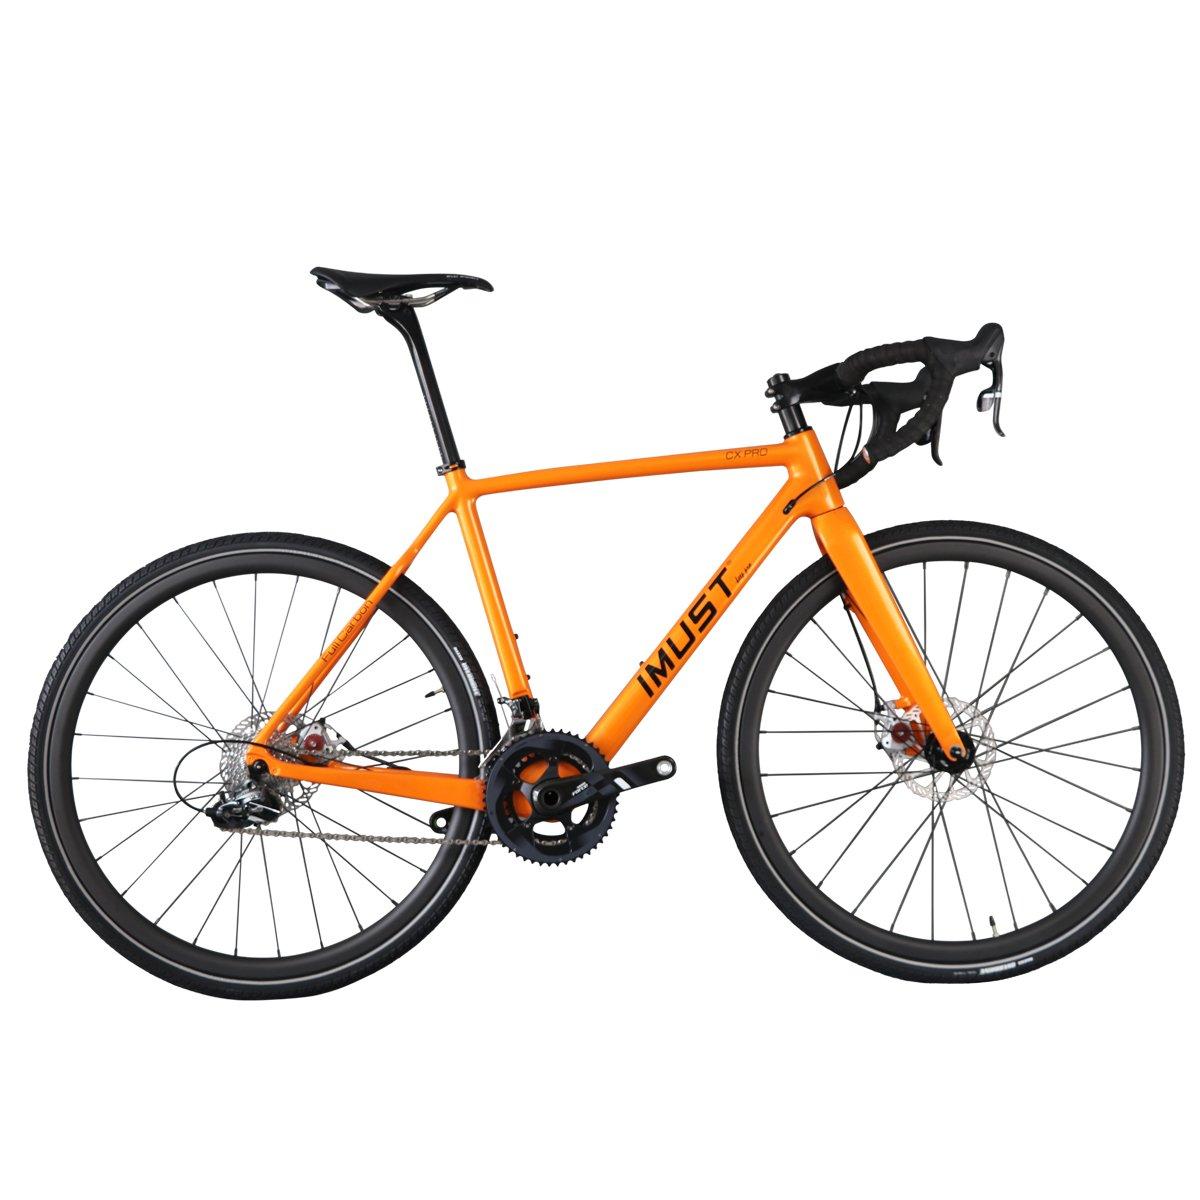 IMUST(アイマシト) AC109 カーボン クロスバイク ディスクブレーキ BB:BB86 DI2  フレムサイズ:4850.52545658㎝選択可 B01GJG1T0S 50cm